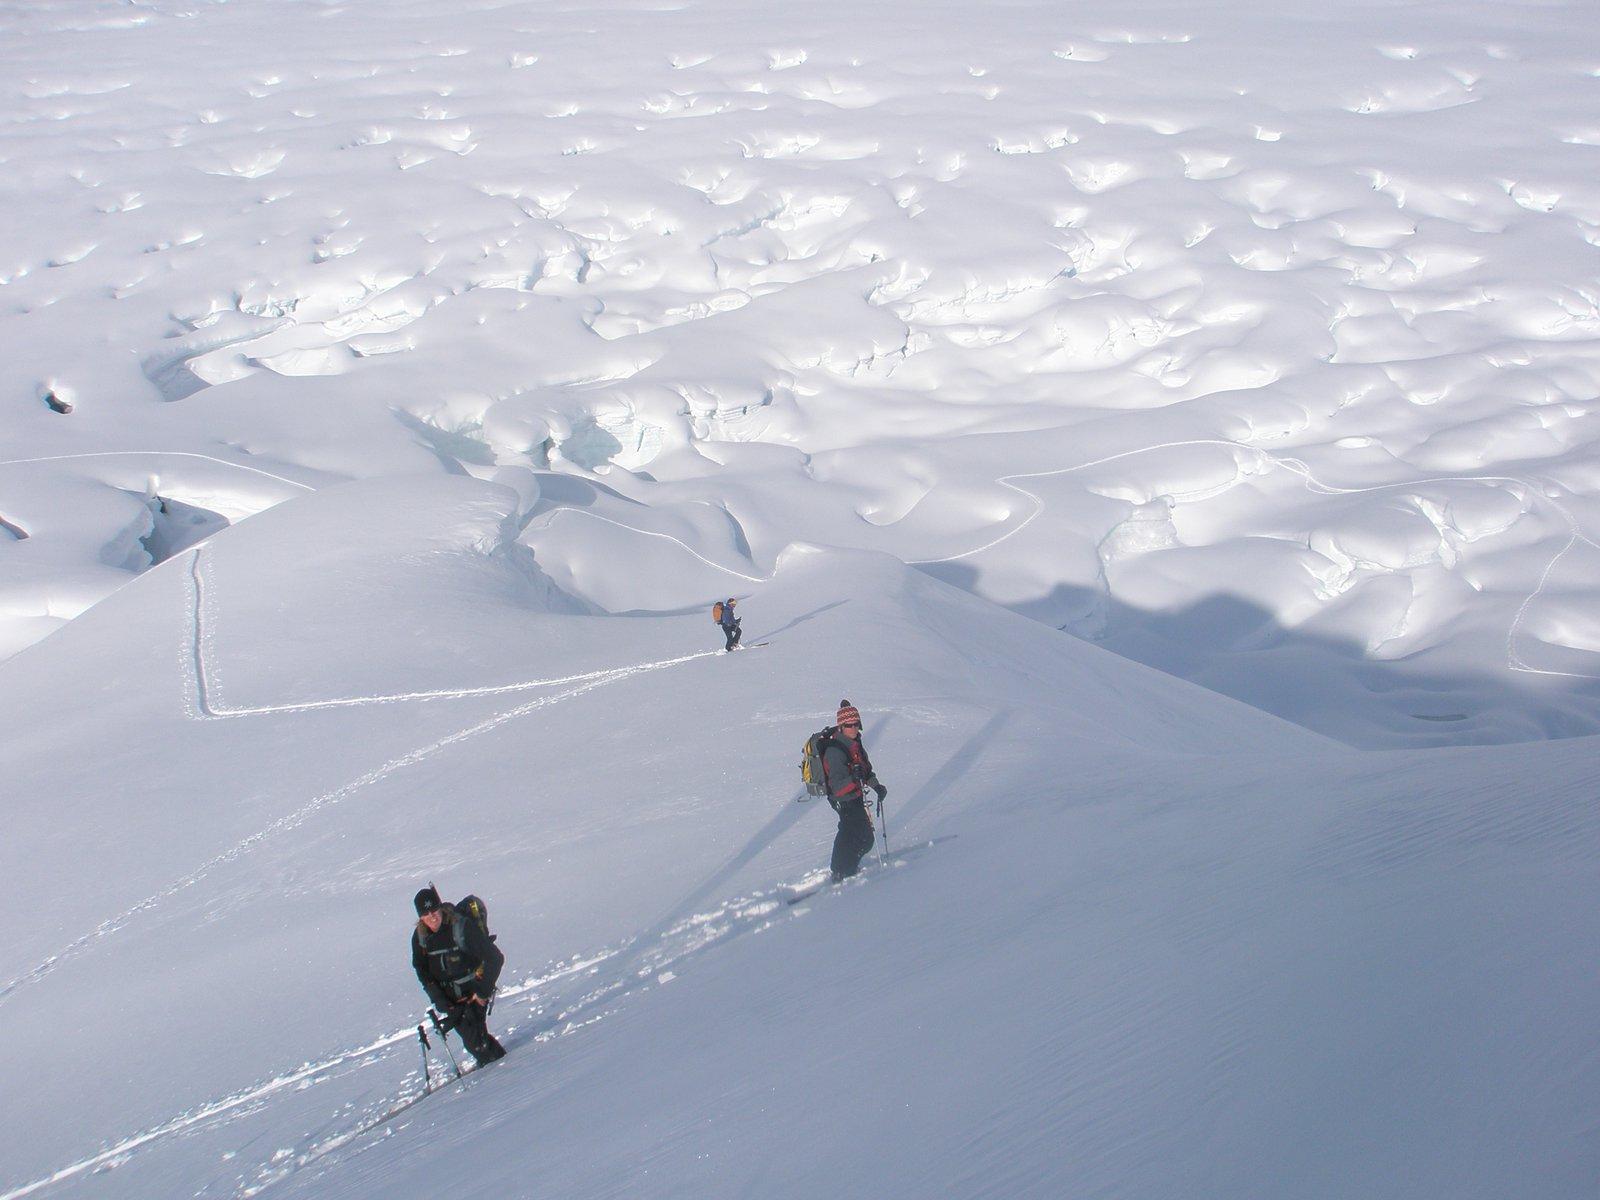 Skinning above crevasses